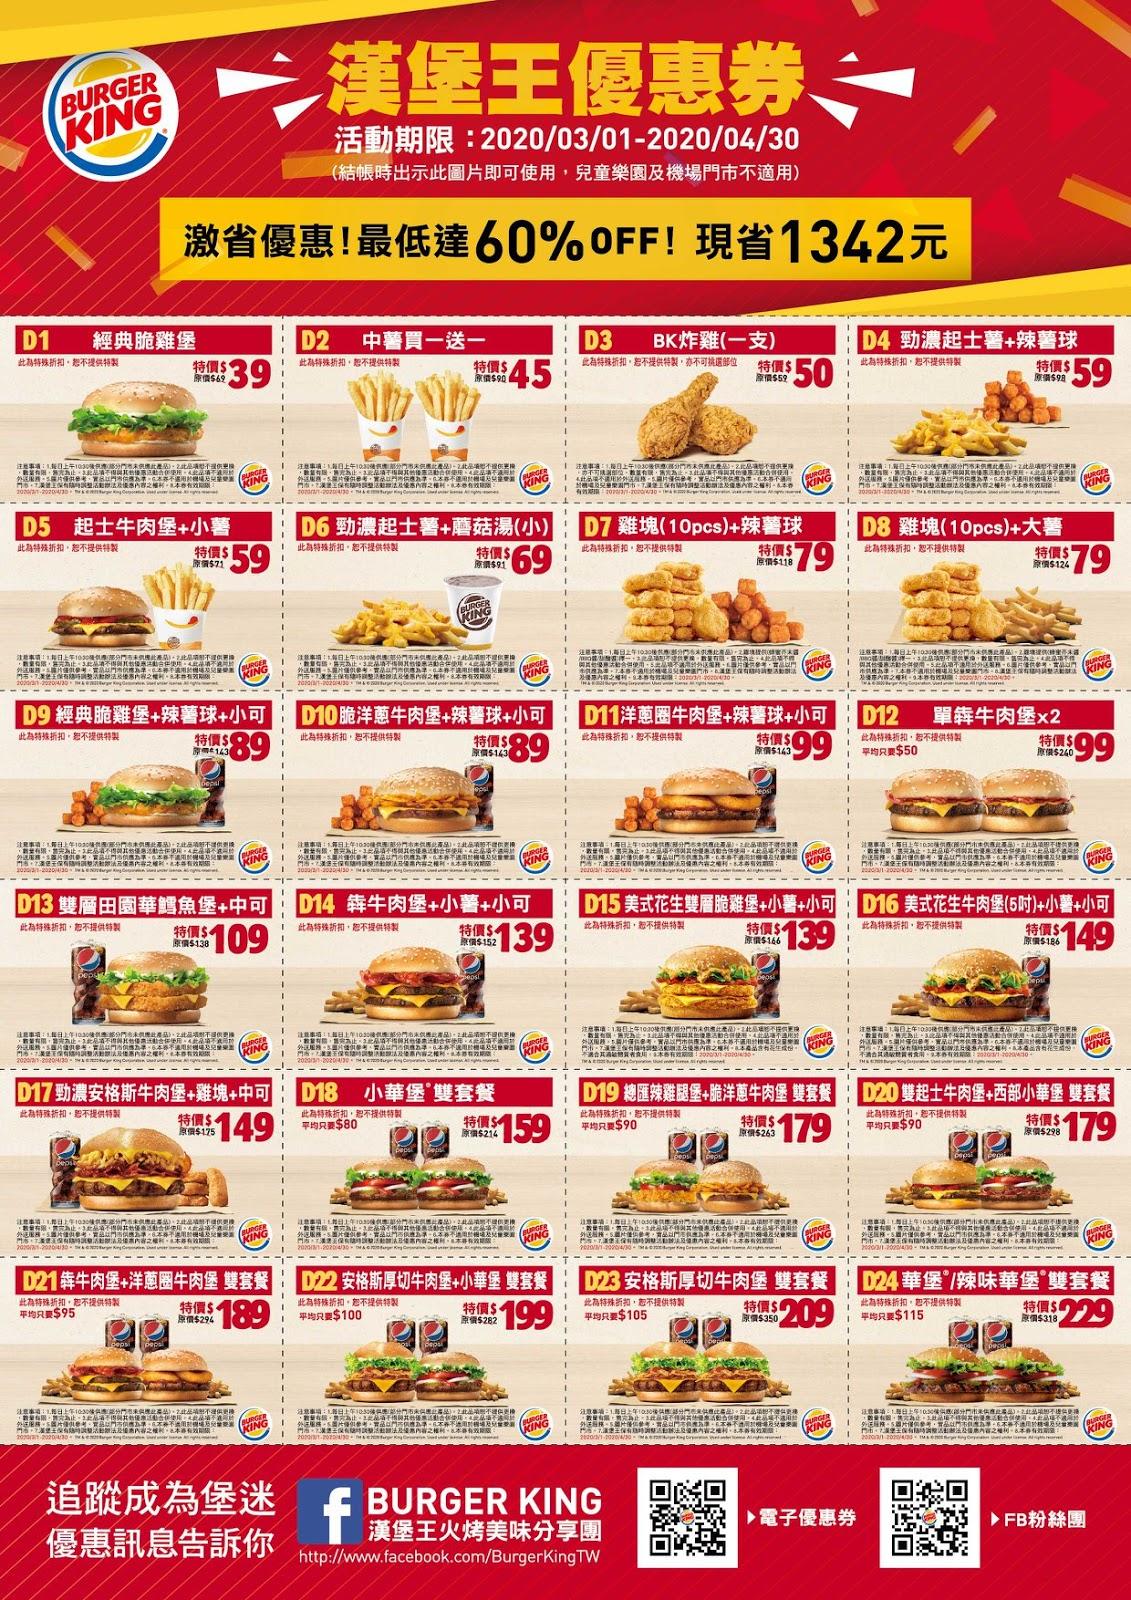 【漢堡王】3月優惠券,最高折抵60%OFF,現省1342元